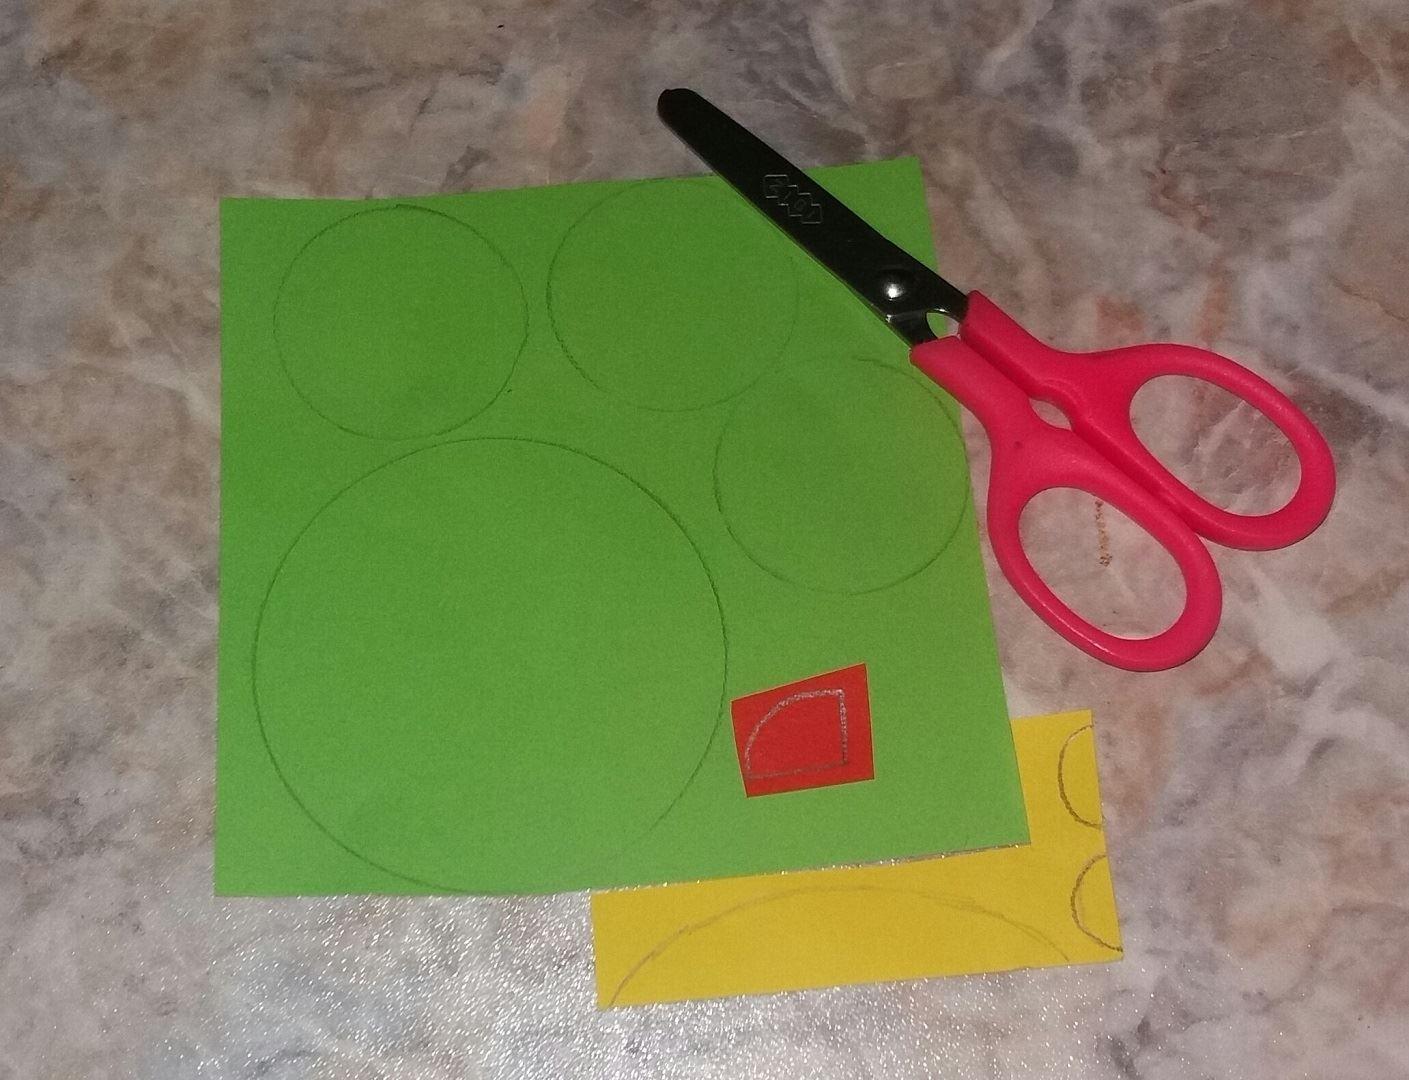 Для начала берем зеленую бумагу и вырезаем 1 большой и 3 меньших круга. Затем вырезаем длинный полуовал и 2 полукруга желтого цвета. Ну и в конце подготовки вырезаем красную детальку, как показано на фото.